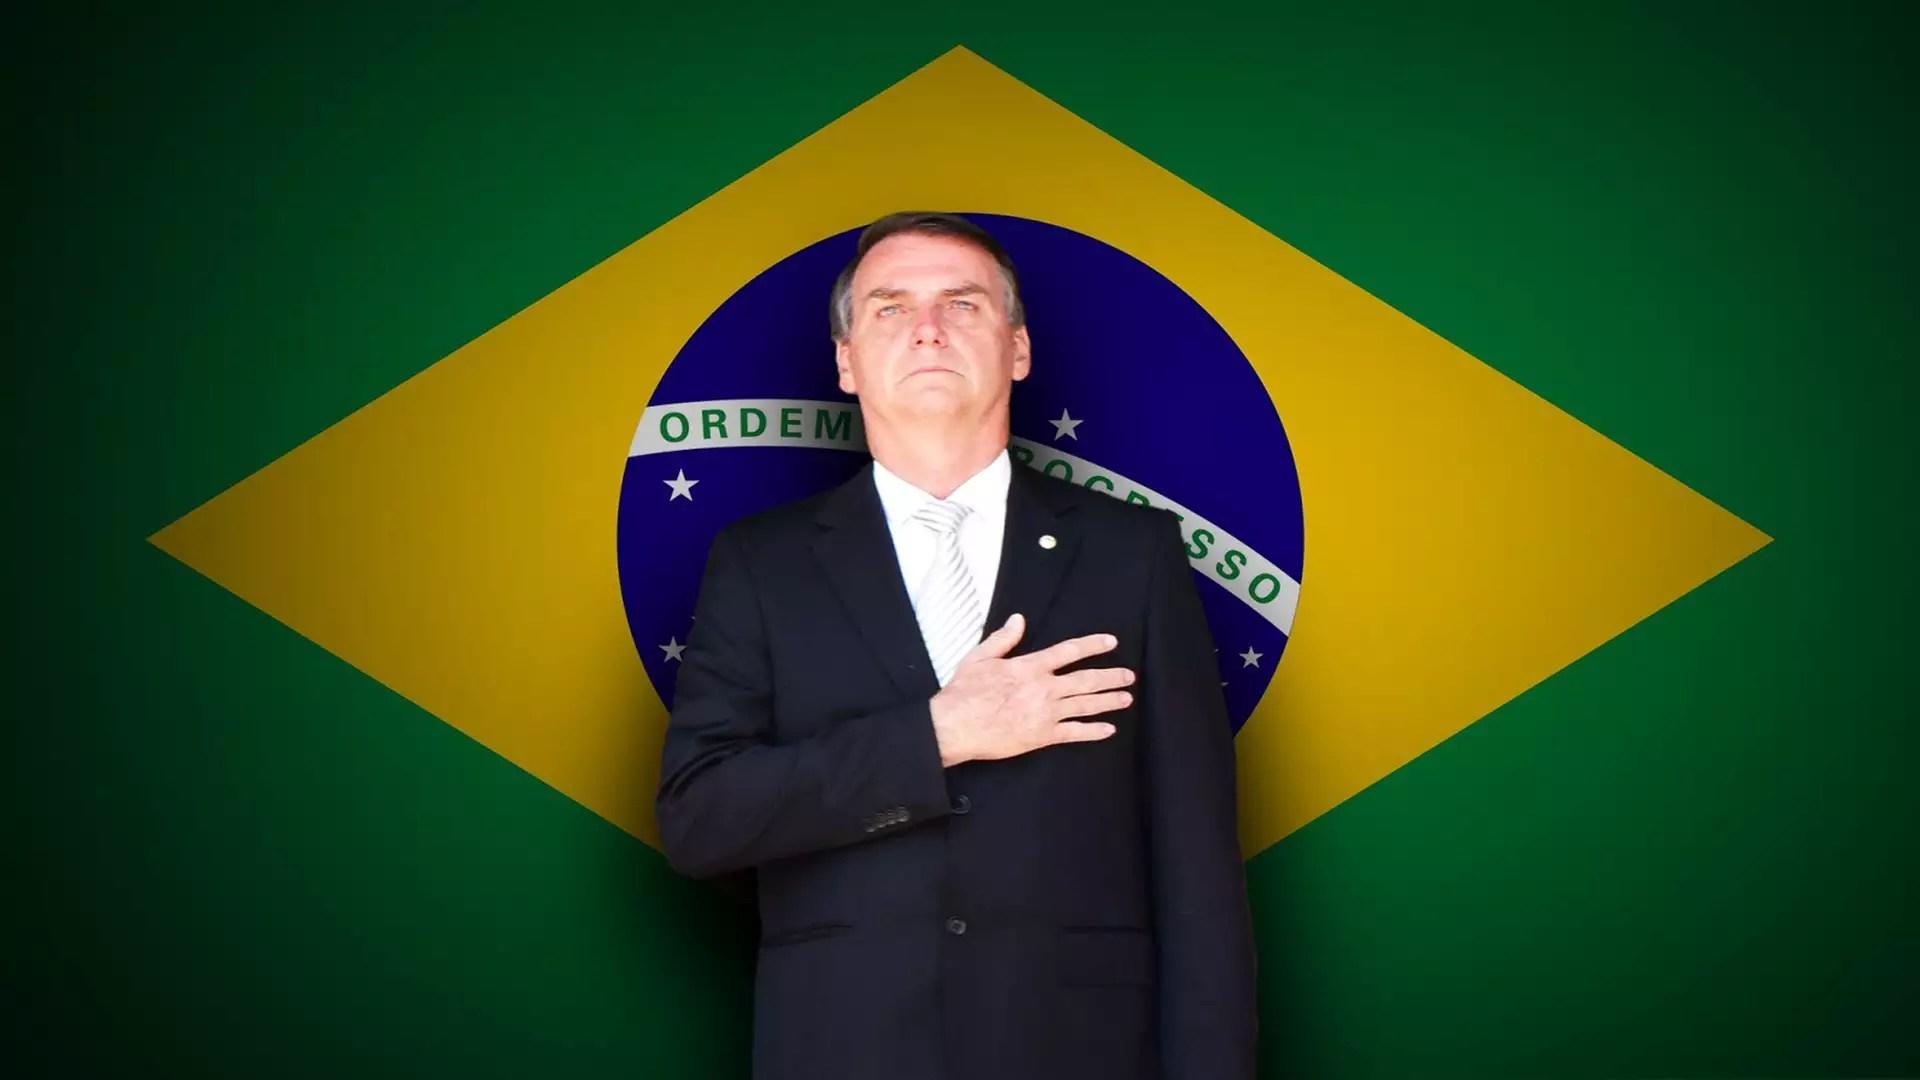 Resultado de imagem para Jair bolsonaro wallpaper